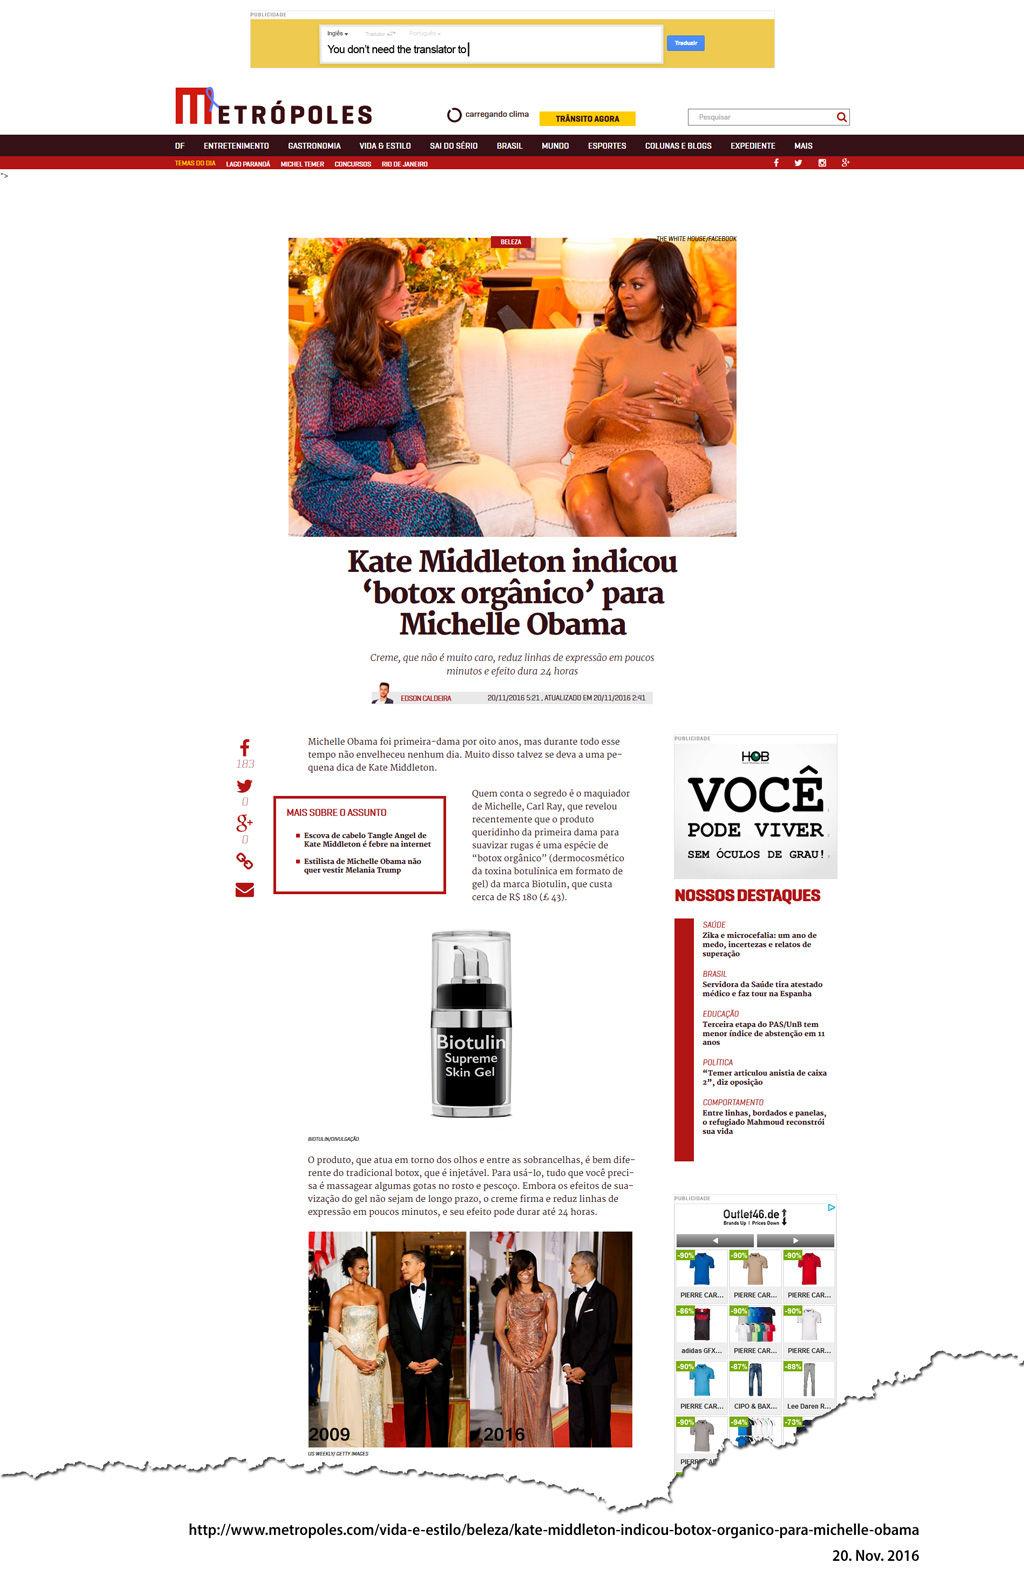 Kate Middleton indicou 'botox orgânico' para Michelle Obama